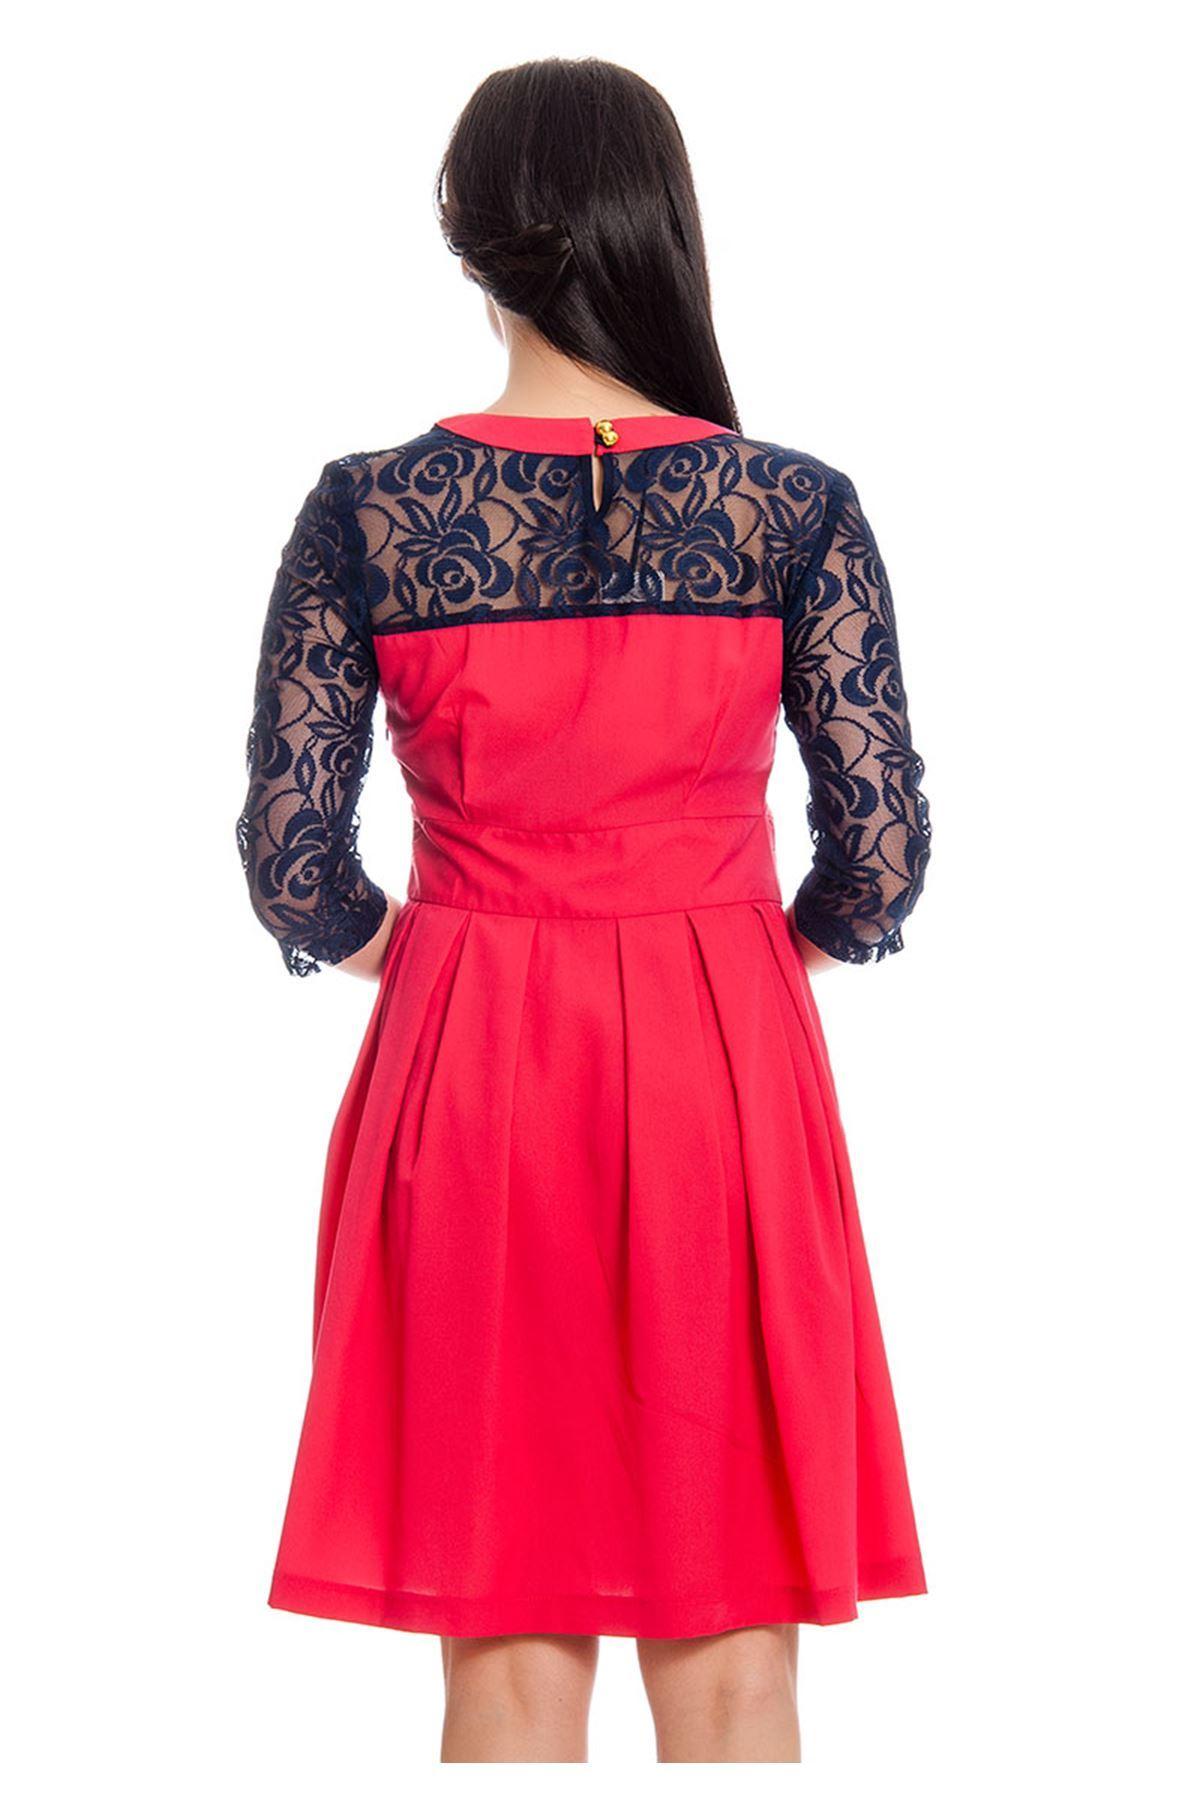 Kırmızı Dantel Detaylı Kadın Elbise H12-129969